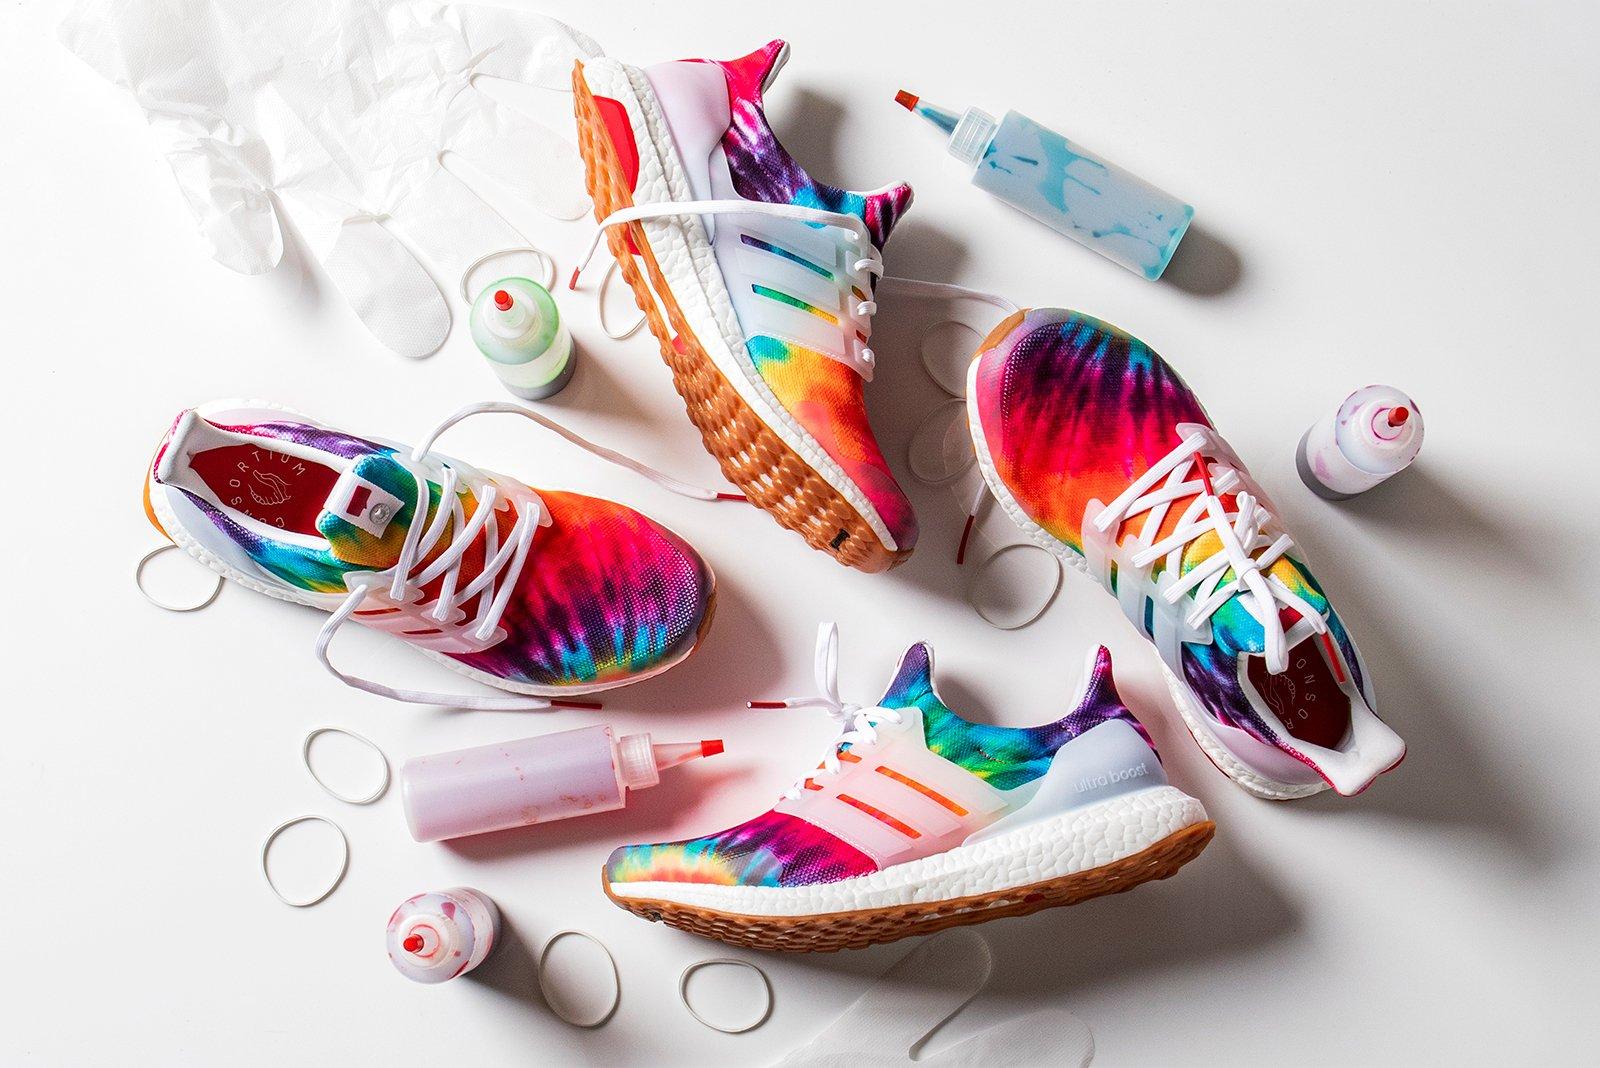 adidas Consortium x Nice Kicks – limitEDitions WMNS